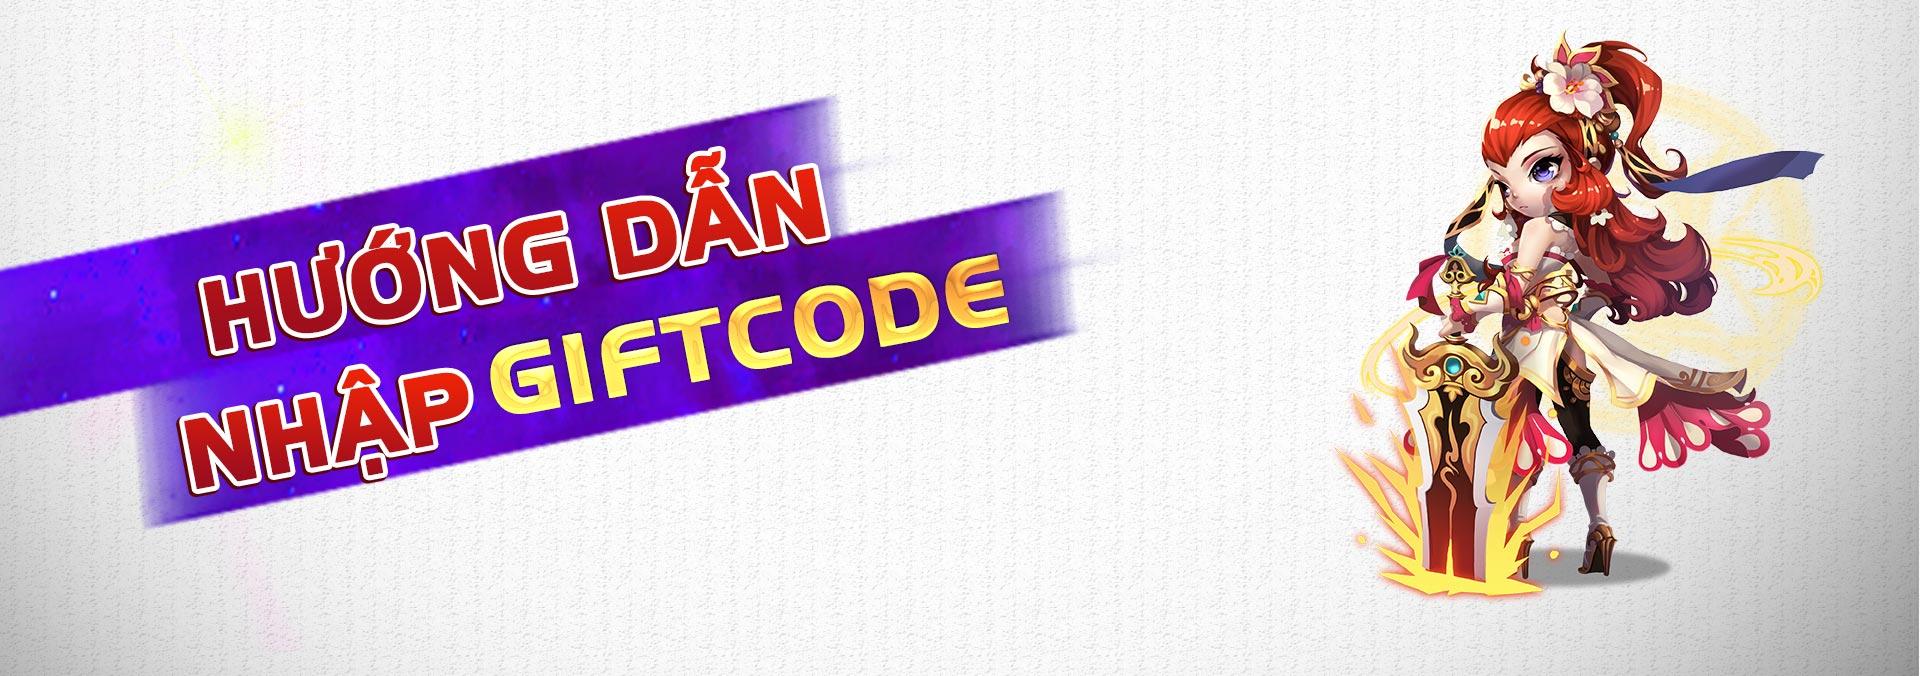 Hướng dẫn nhập Giftcode